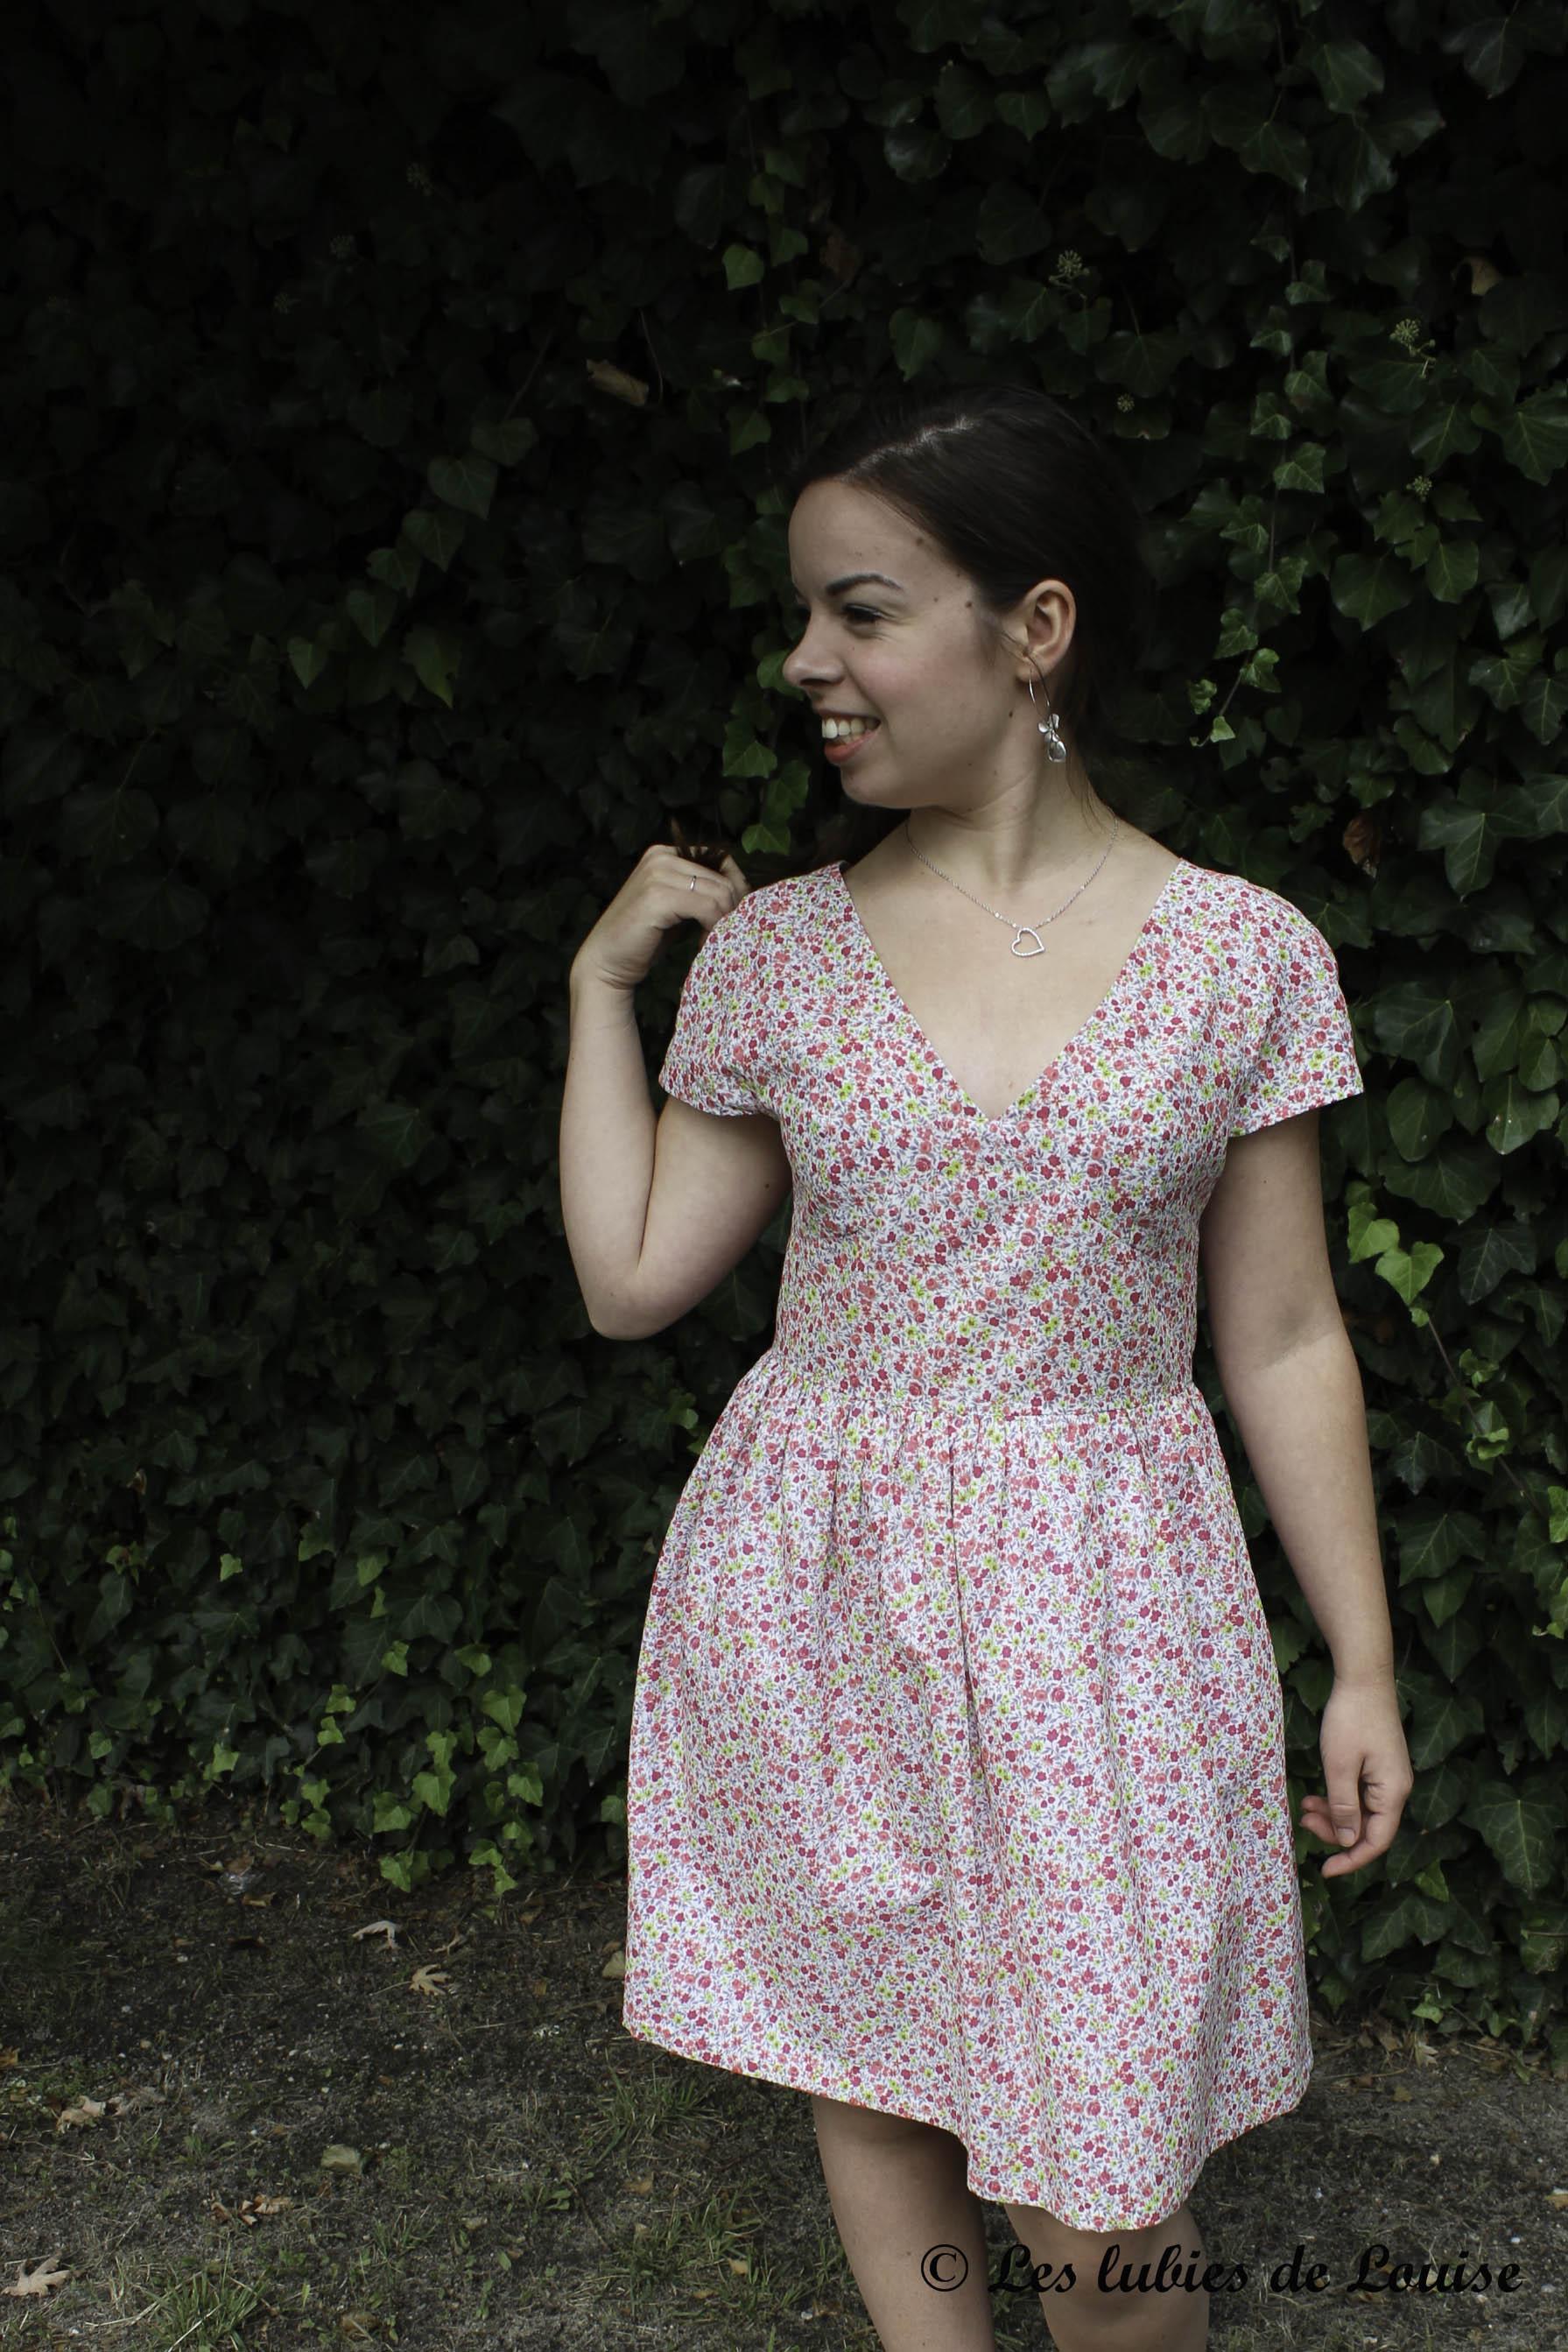 Robe d'anniversaire burda 05-2013 robe 125 - Les lubies de Louise (6 sur 8)